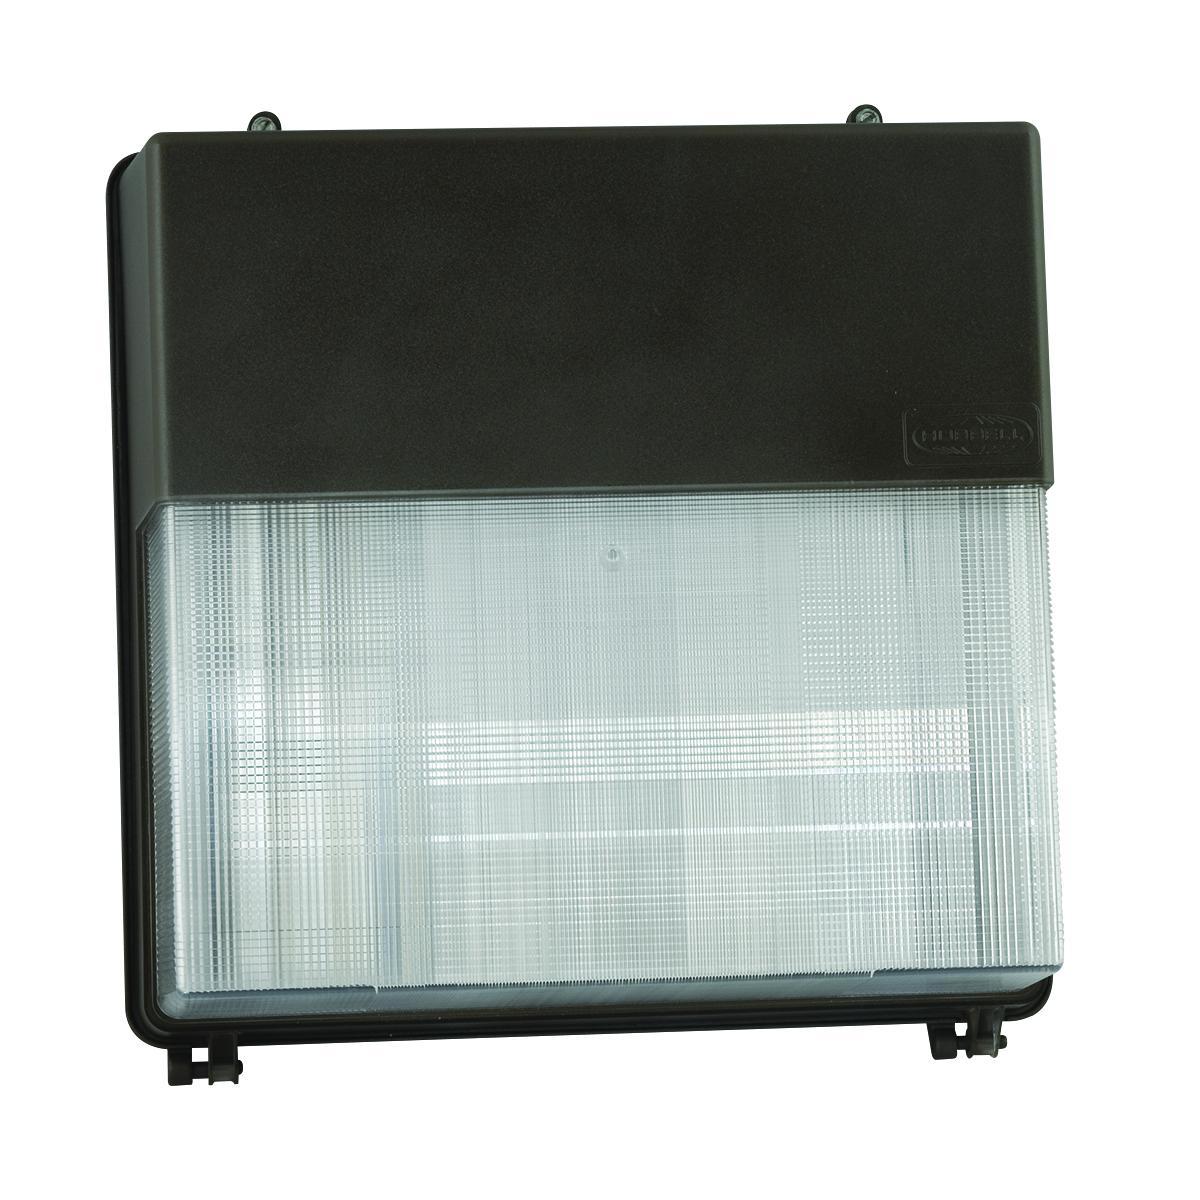 HBLPVL3-150P-18-BZL 150W PULSE START WALL PACK QUAD TAP W/LAMP #PVL3-150P-18-BZ-L